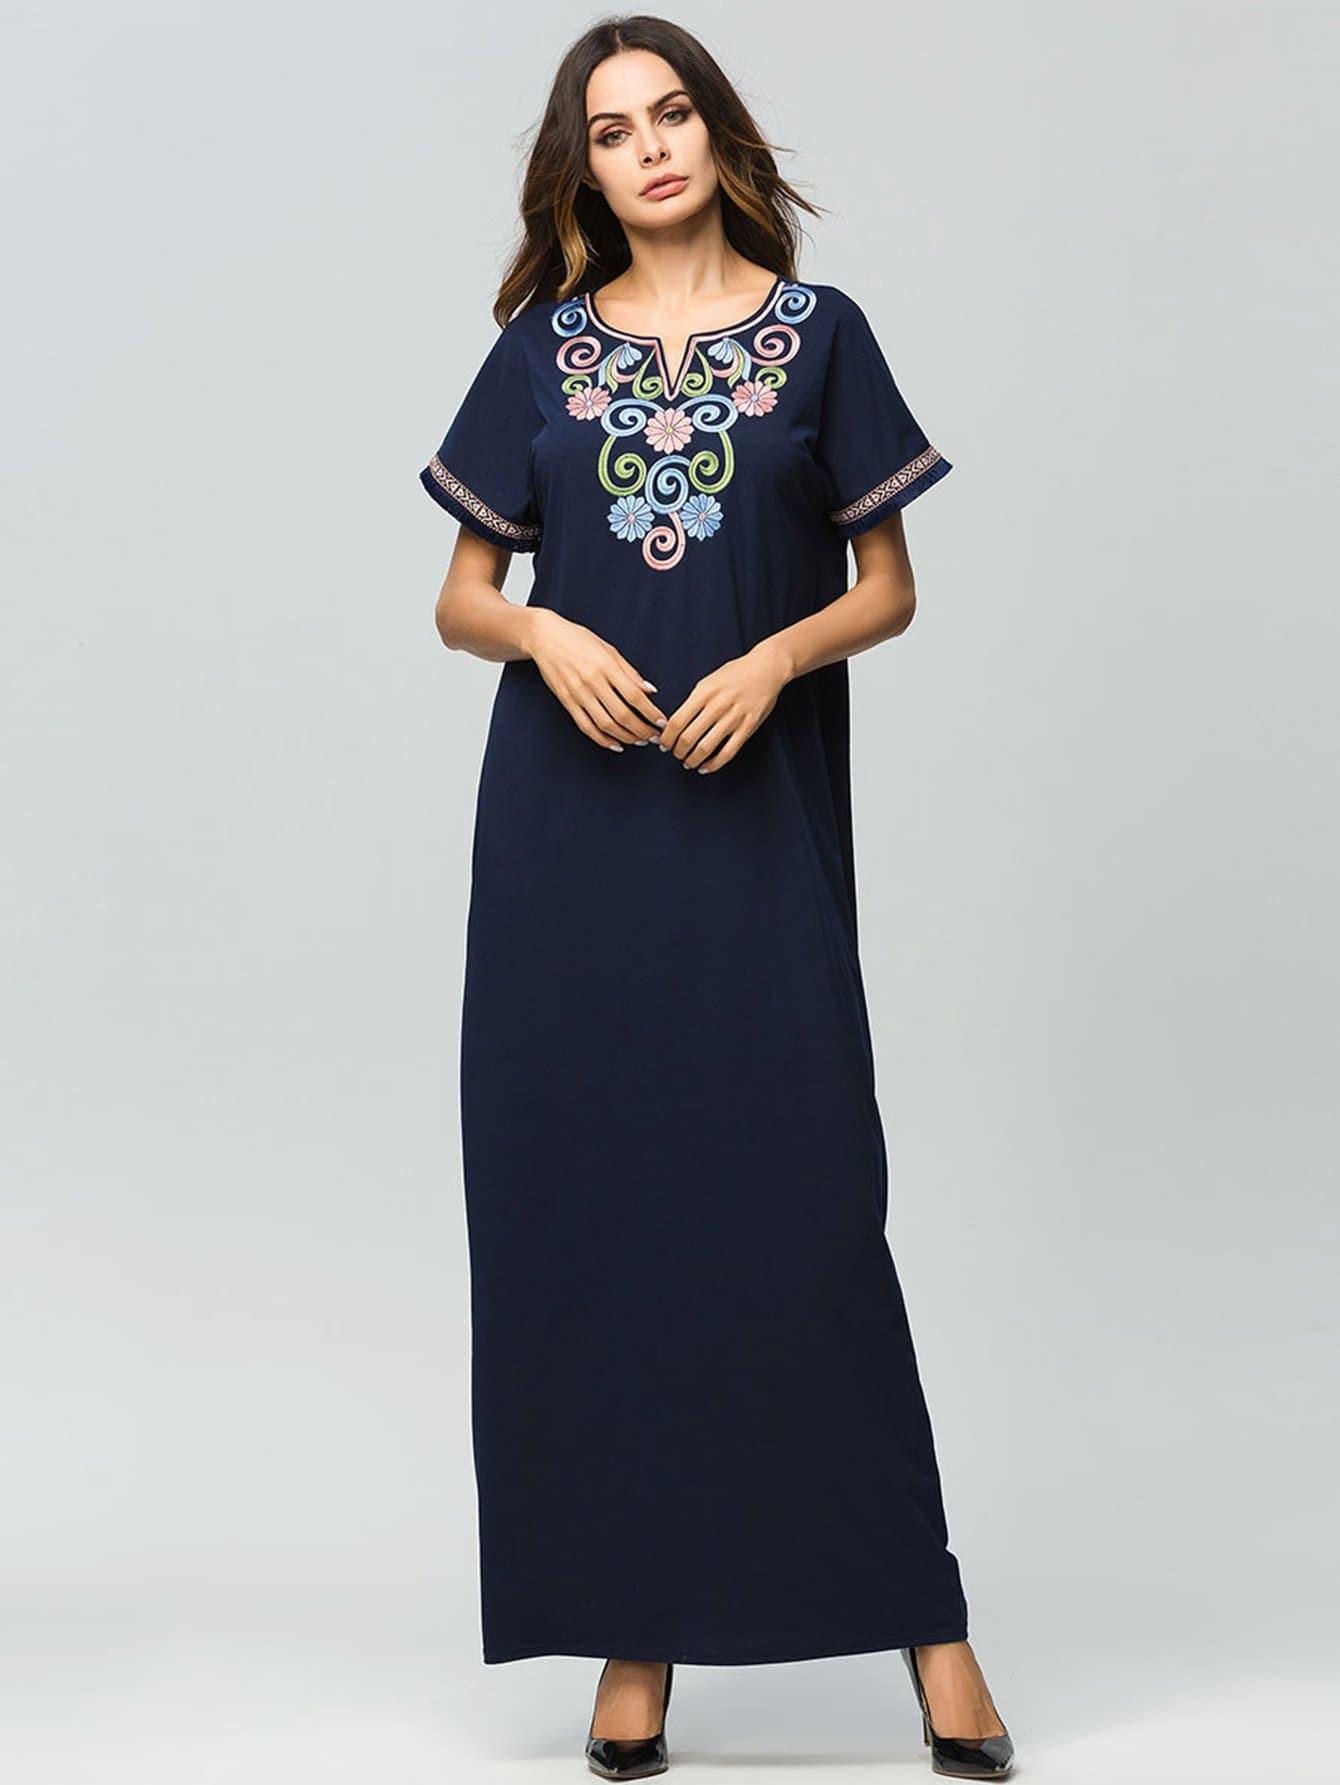 Купить Длинное платье и с рисунками вышивки, null, SheIn